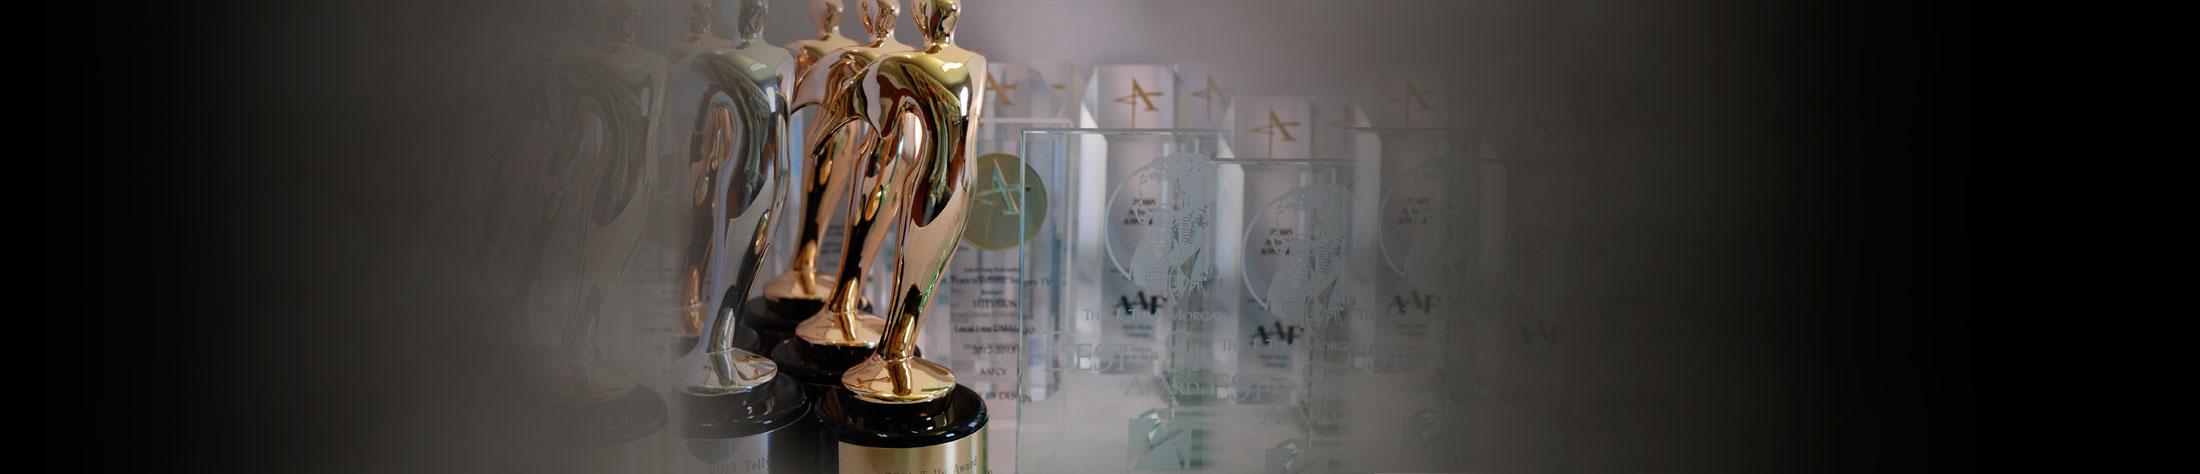 Award Winning Ad Agency